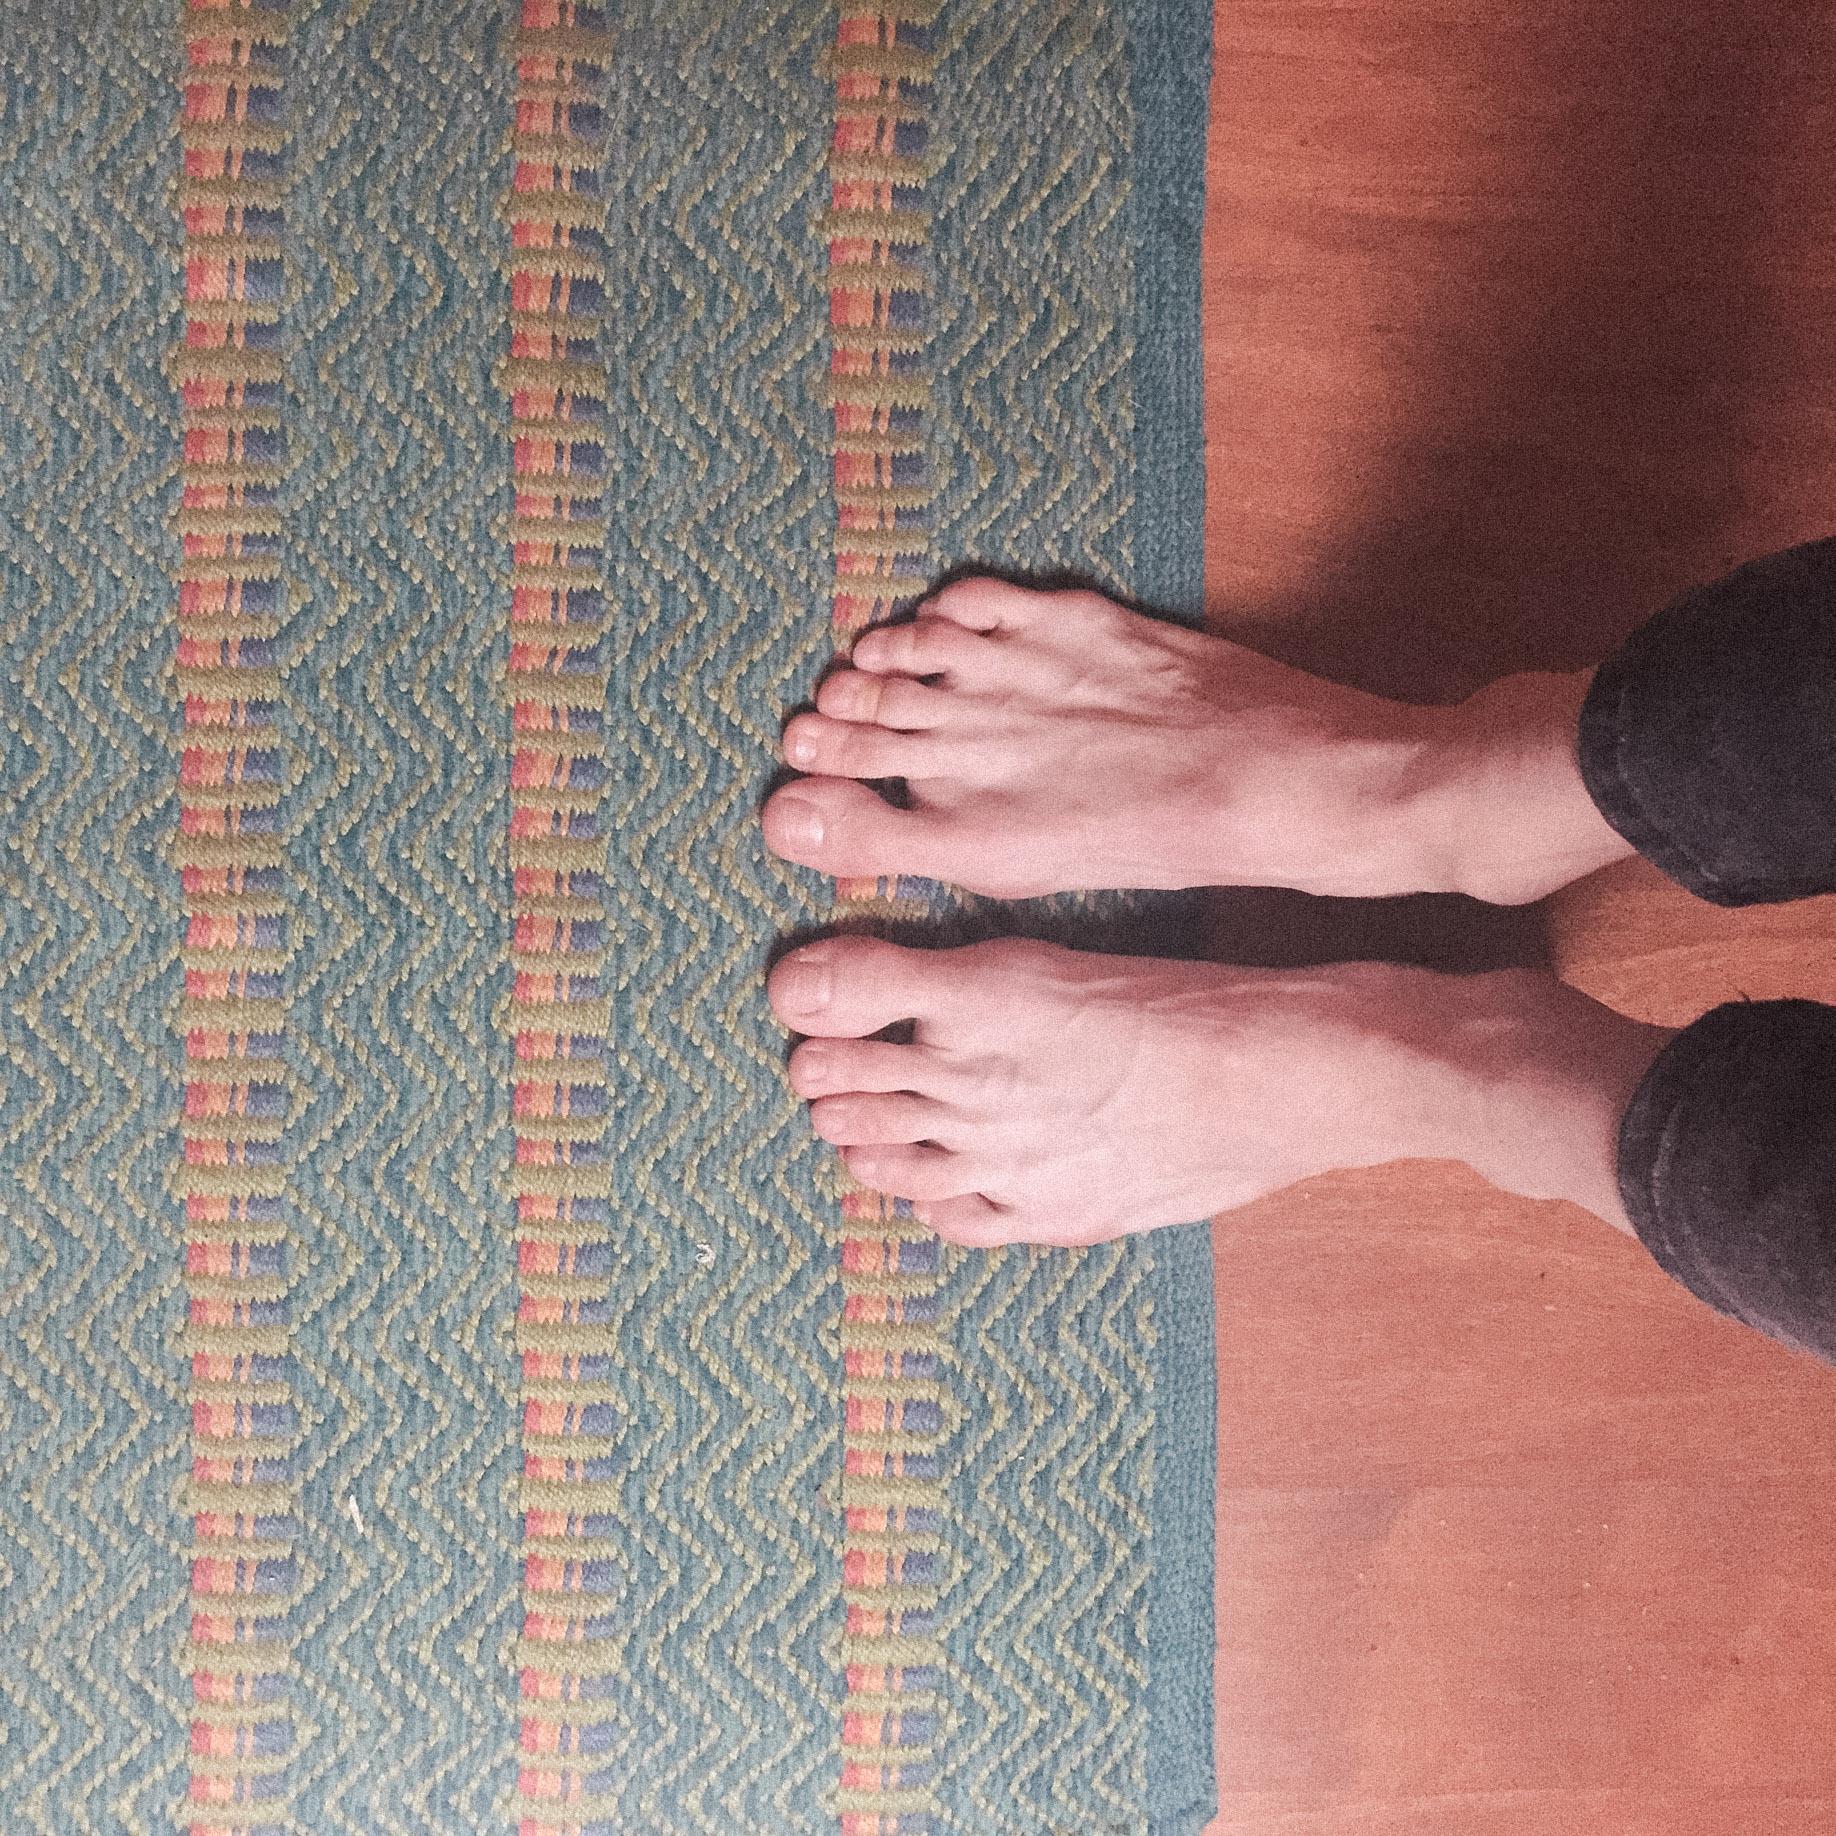 Mandara_Skin_Body_Spa_Fort_Collins_ Mandara_Skin_Body_Spa_Fort_Collins_Ayurvedic_Private_Yoga_Therapeutic